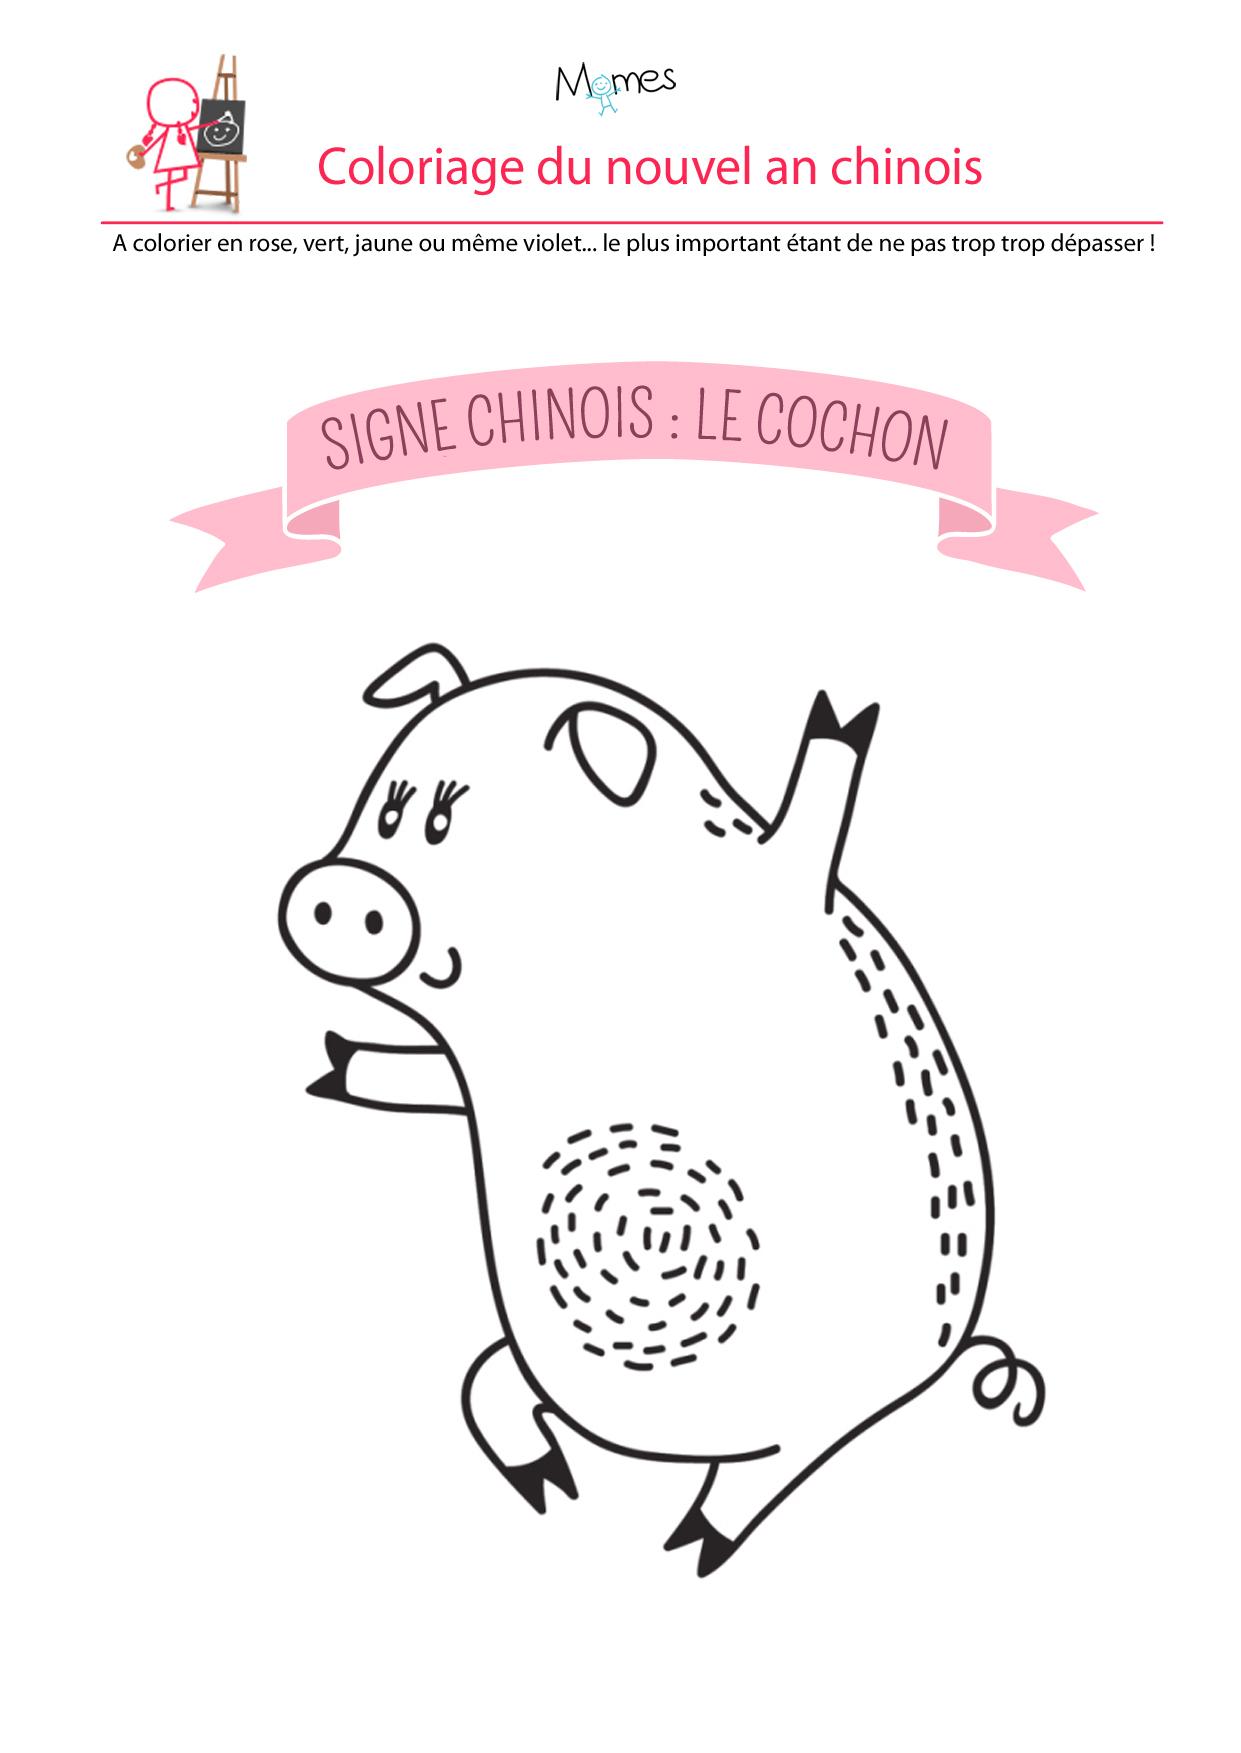 Coloriage Du Calendrier Chinois : Le Cochon - Momes intérieur Dessin Cochon A Colorier